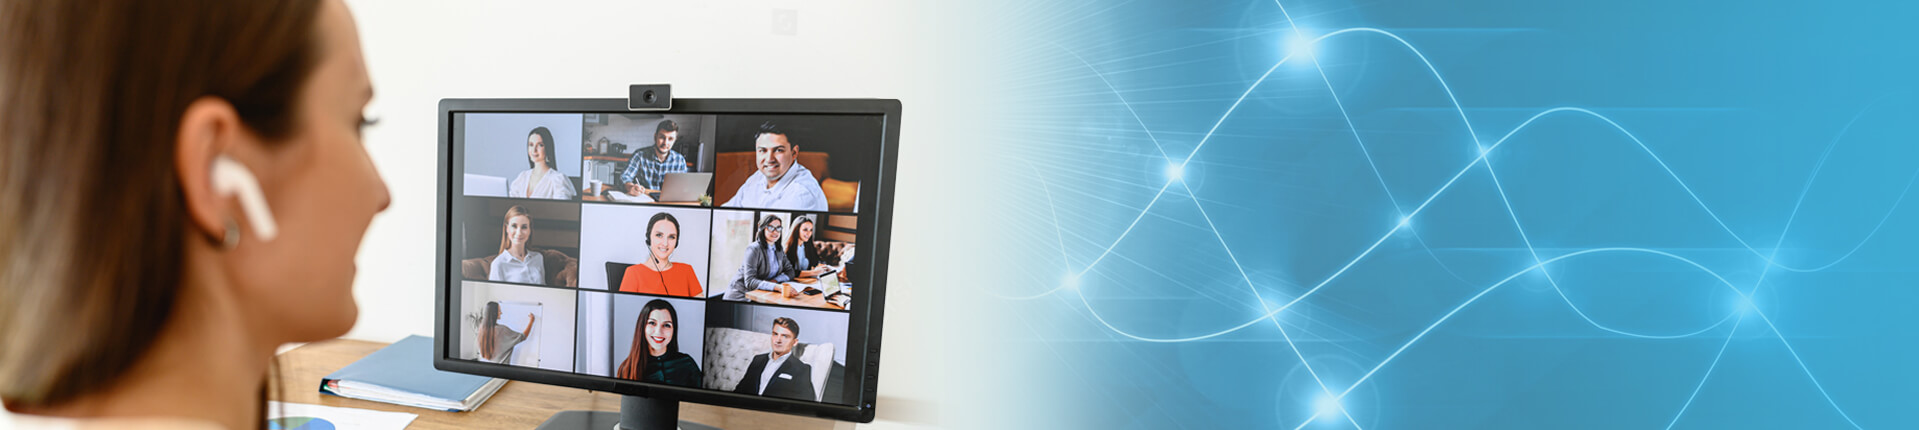 הרצאות מקוונות: ZOOM או מוקלטות